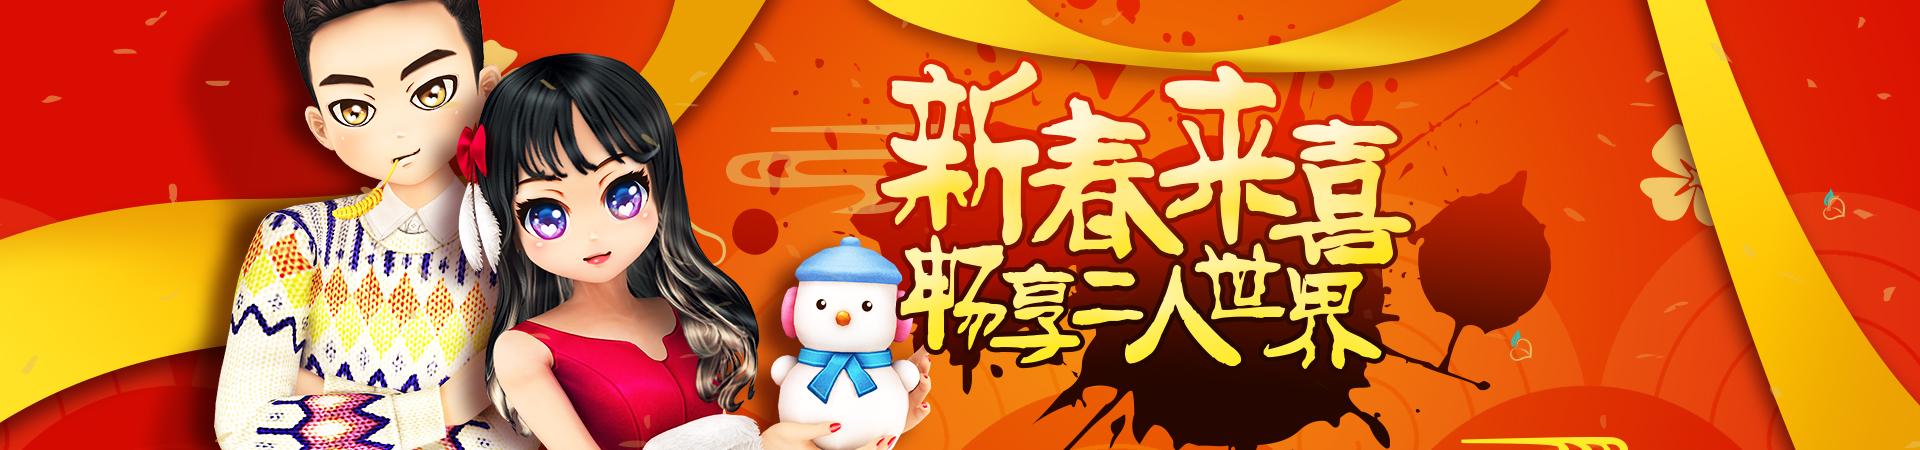 """《劲舞团》1月版本""""鸣鸡起舞""""新春来喜畅享二人世界"""